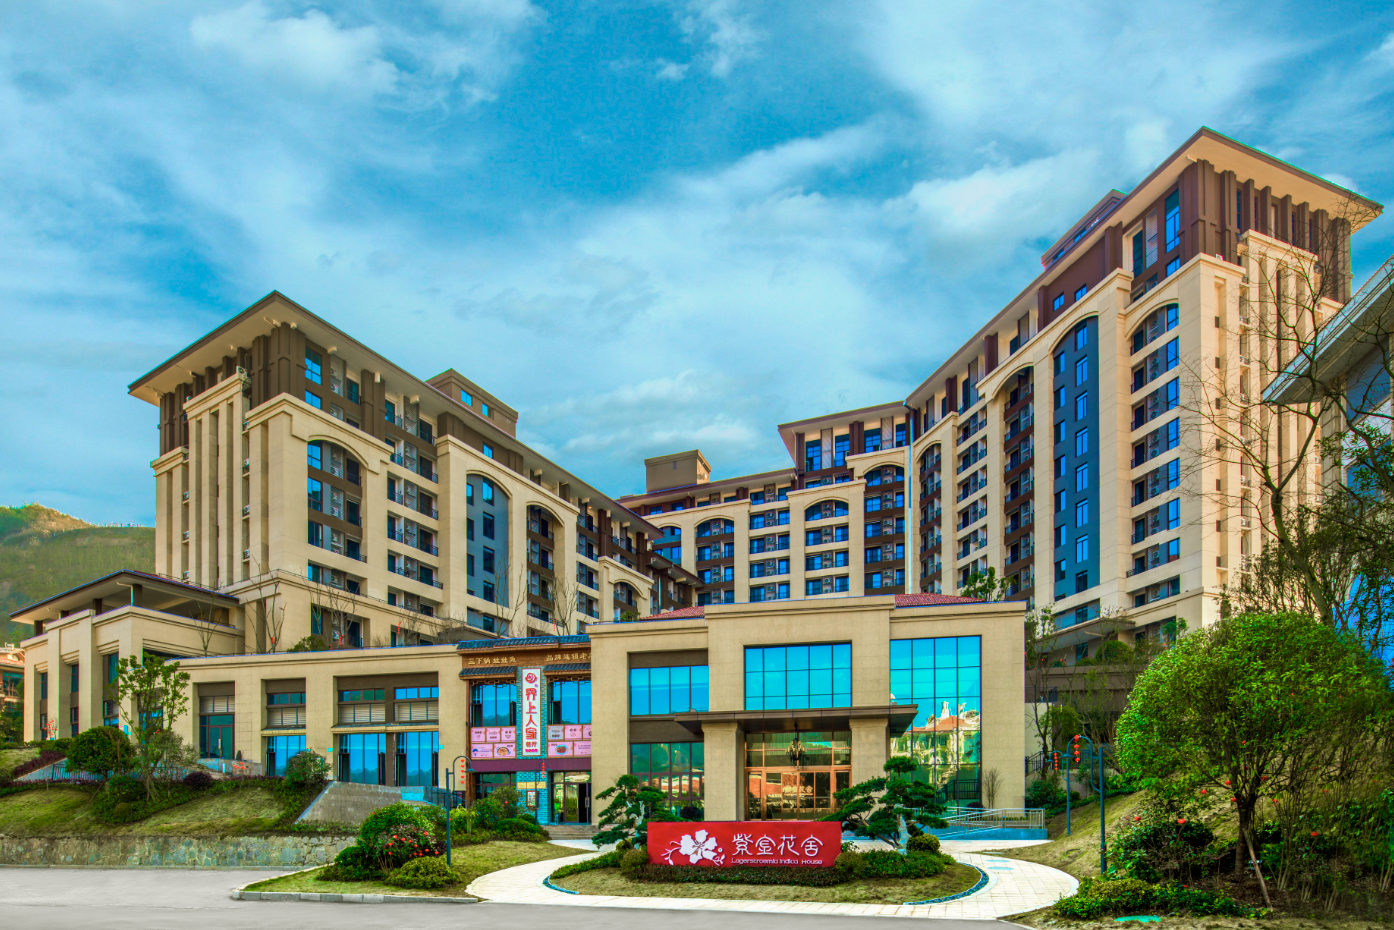 Laurel House Hotel Zhangjiajie